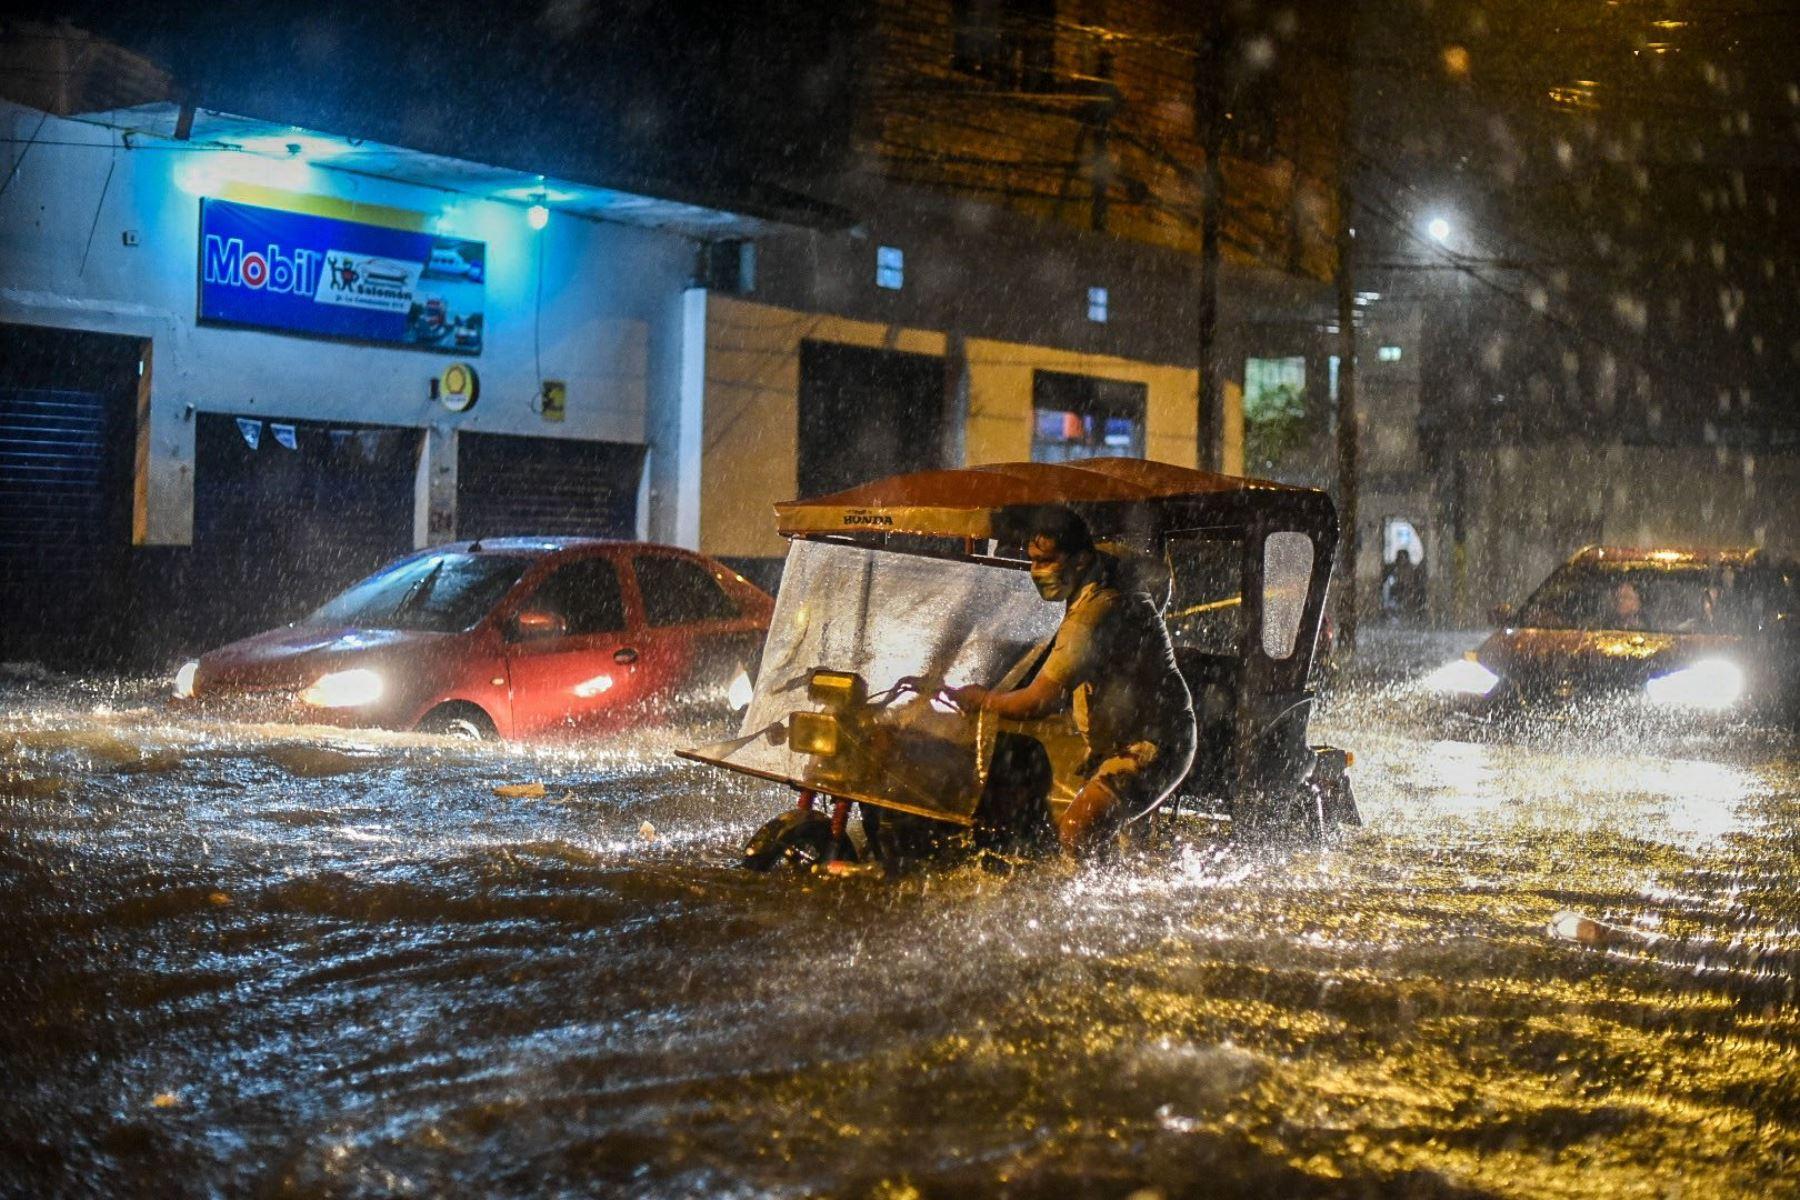 Lluvia torrencial causa daños en viviendas y calles de Iquitos. Foto: Junior Raborg.